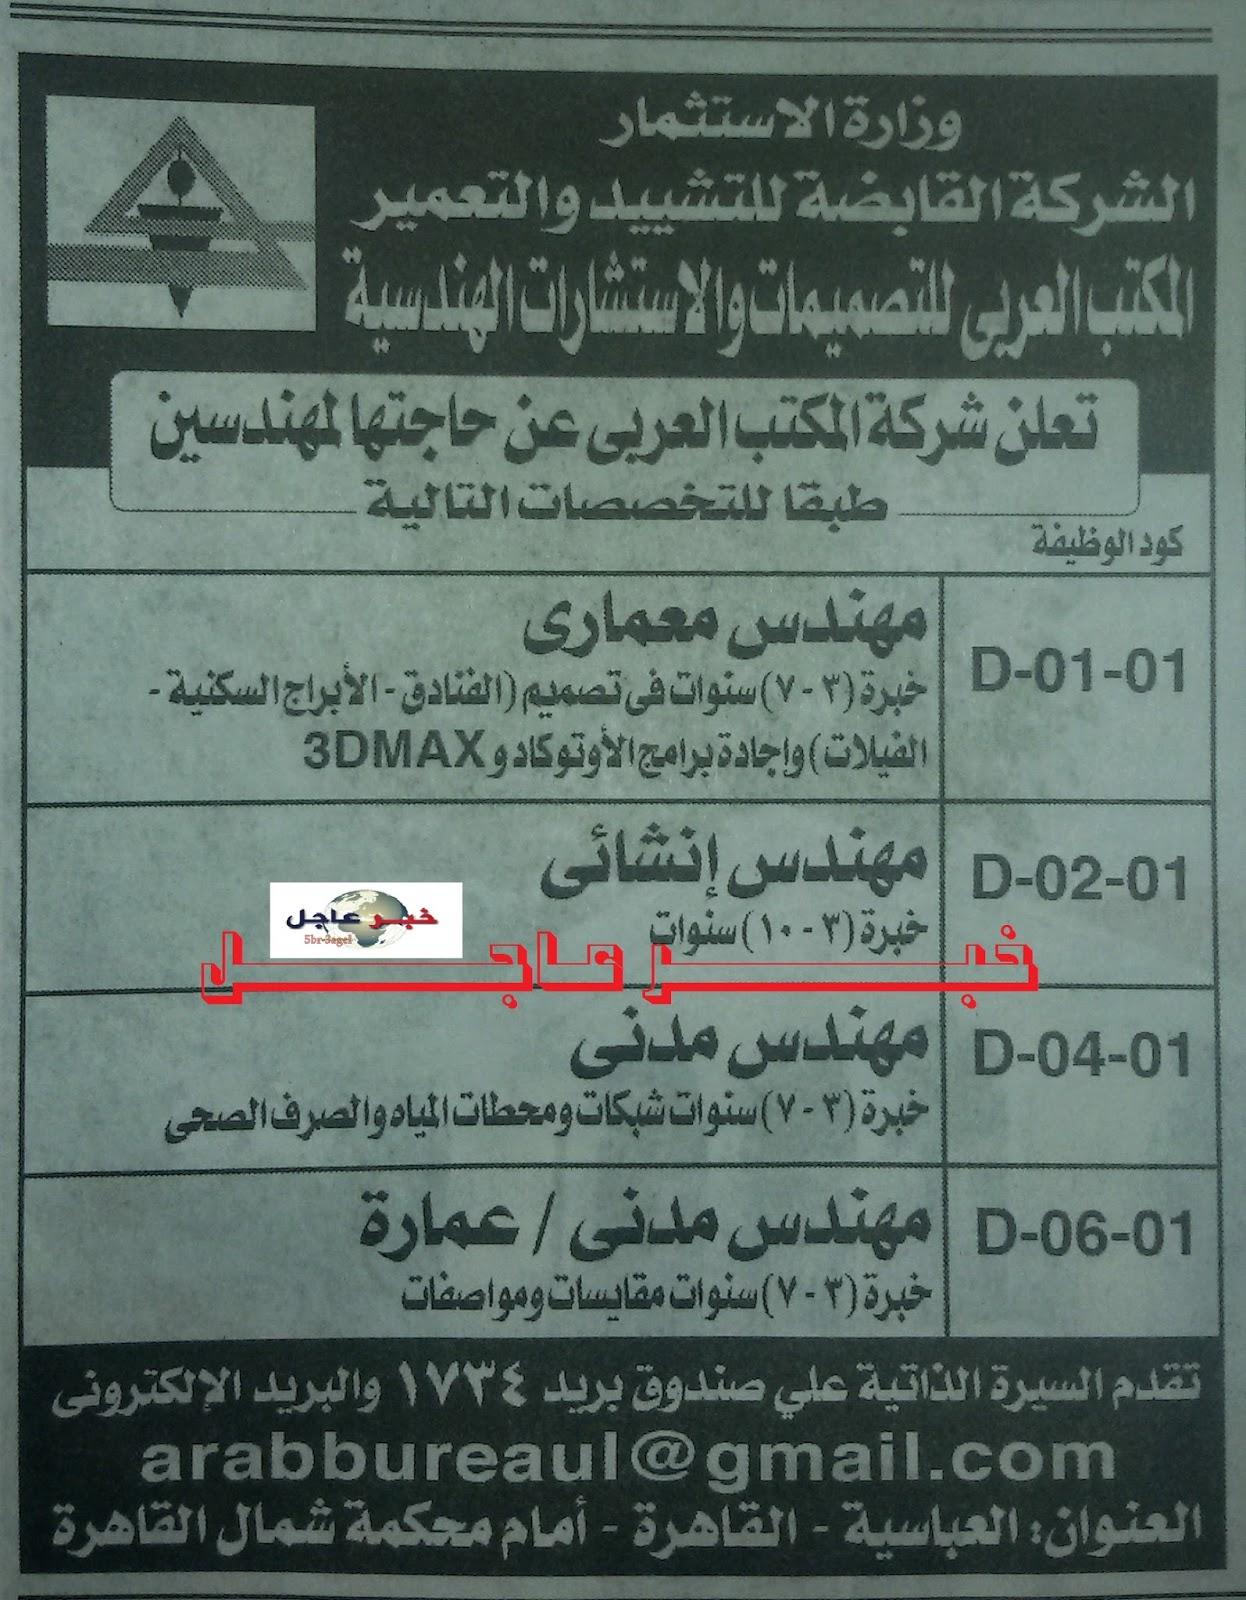 """اعلان وظائف وزارة الاستثمار المصرية """"القابضة للتشييد والتعمير""""الاهرام 10 يوليو 2015"""